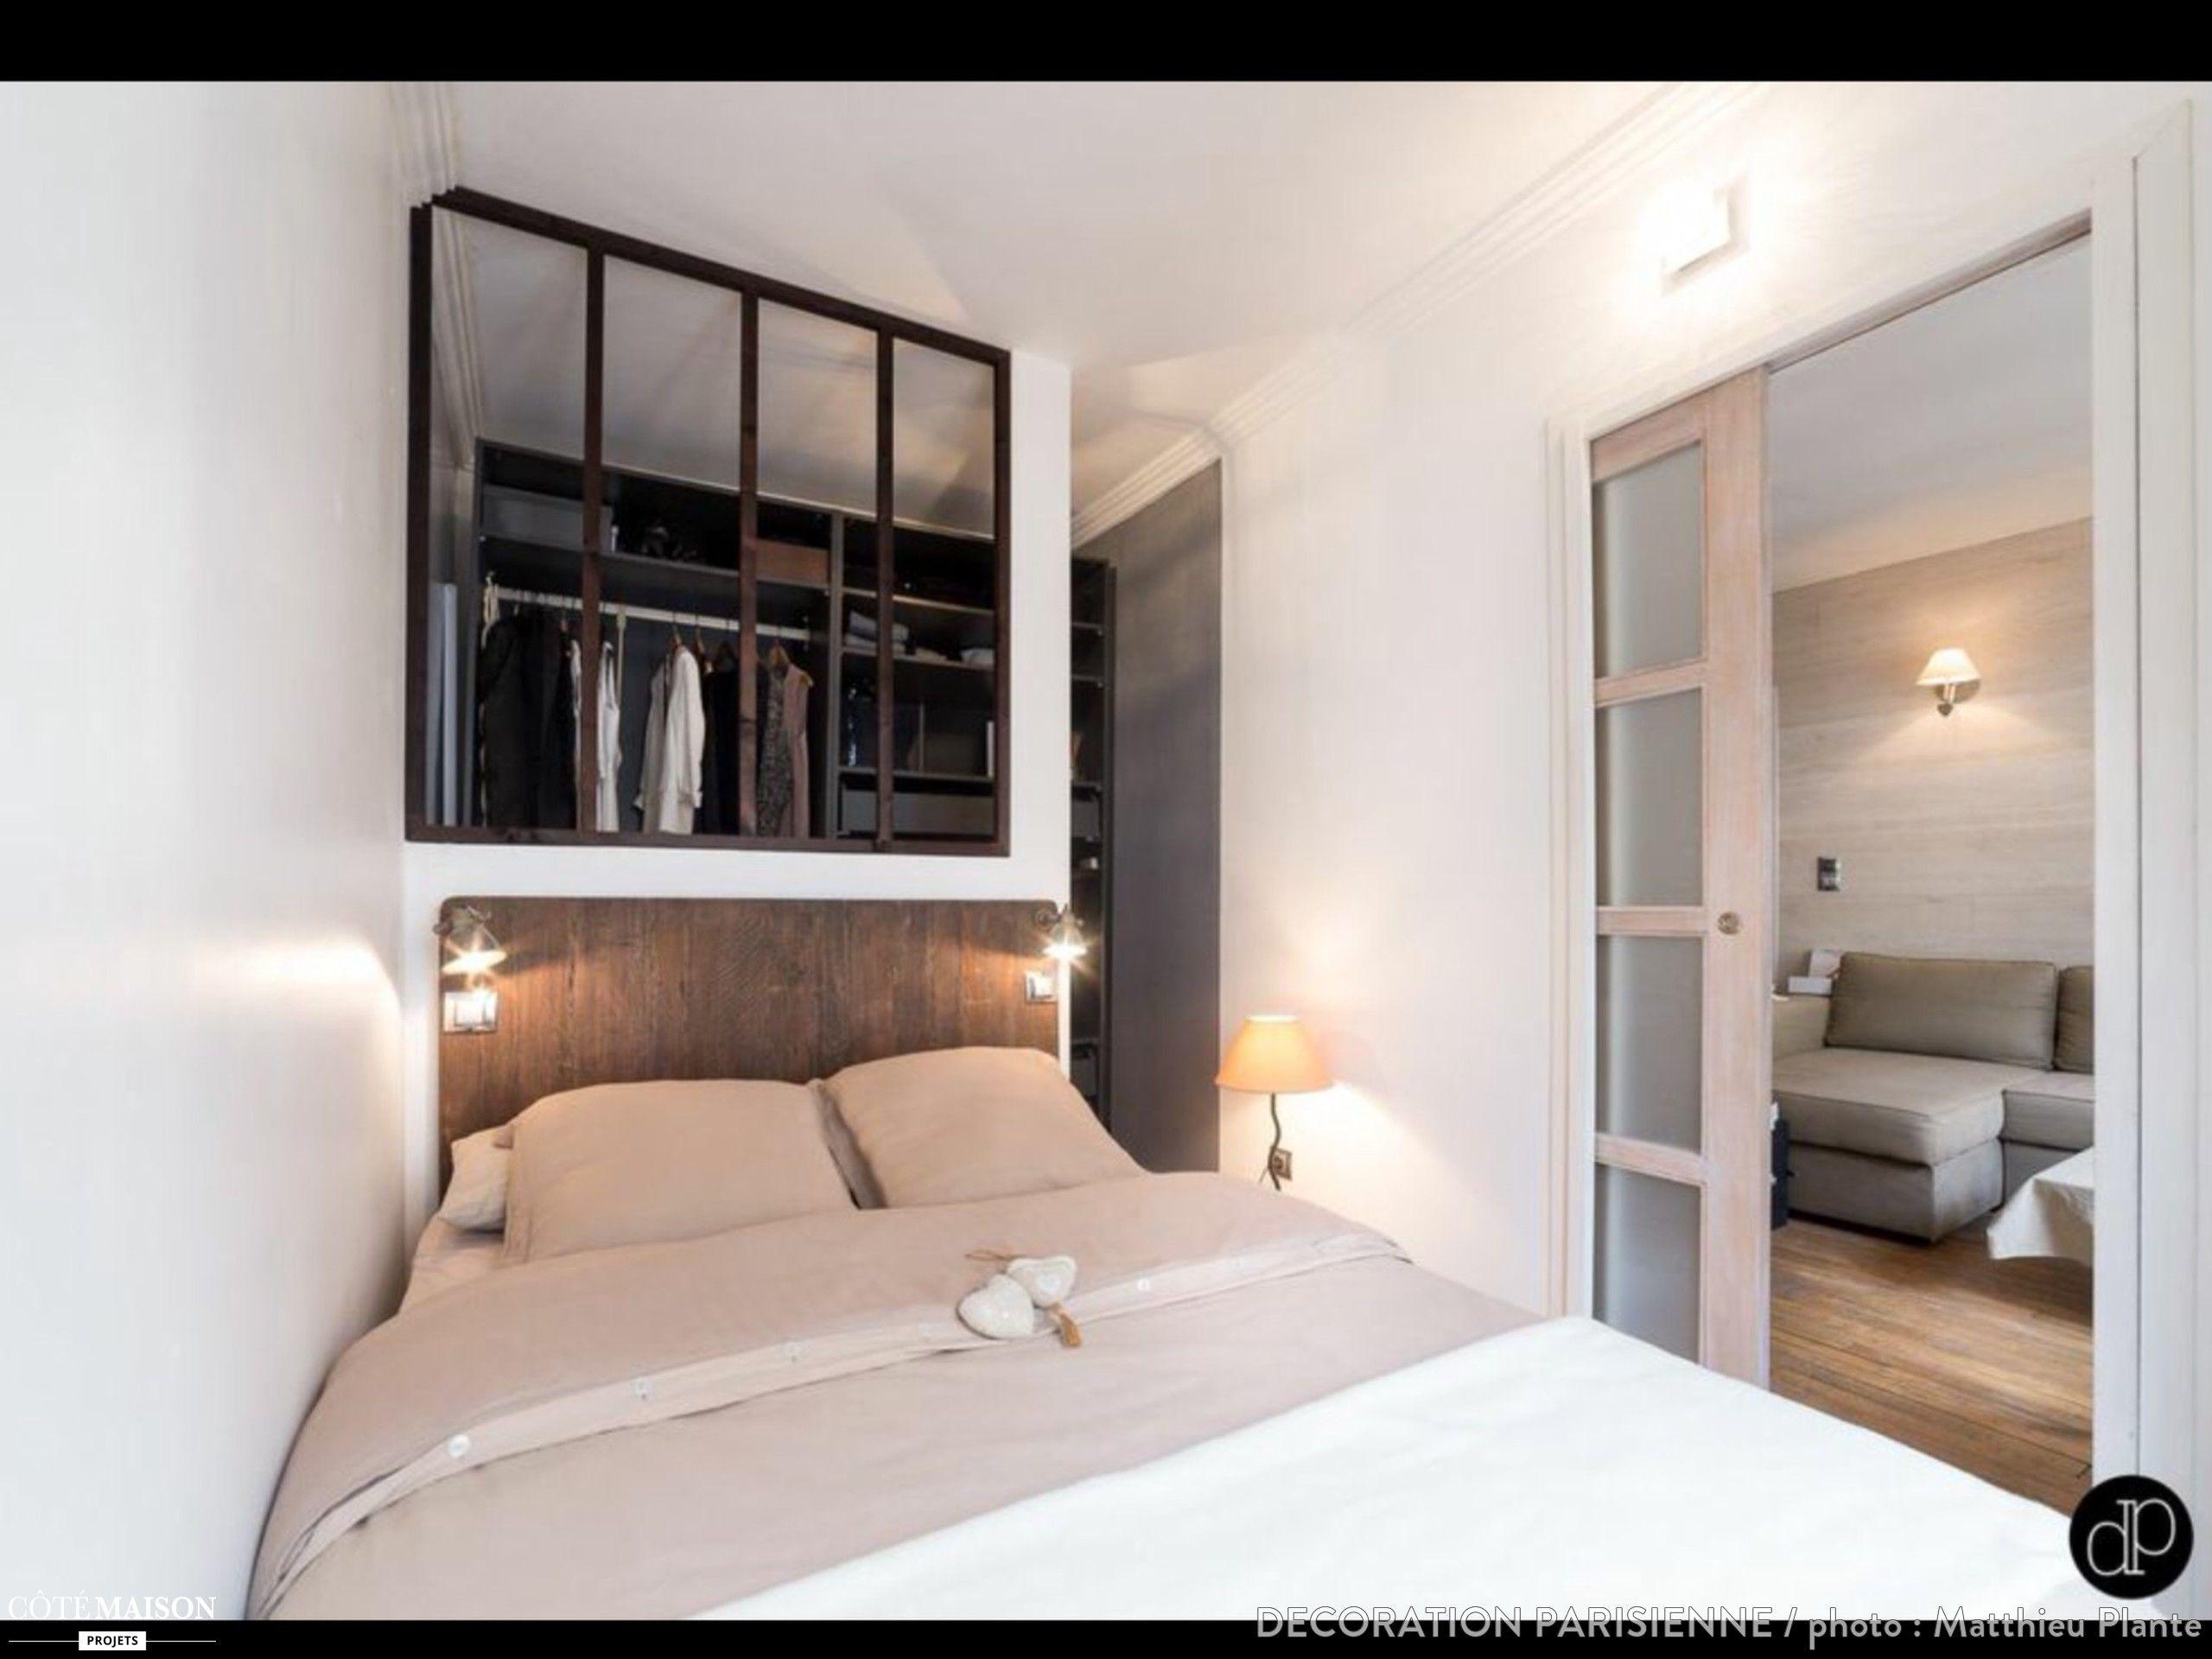 Master bedroom nook  Studio de  m dans lequel nous avons repensé luespace afin de